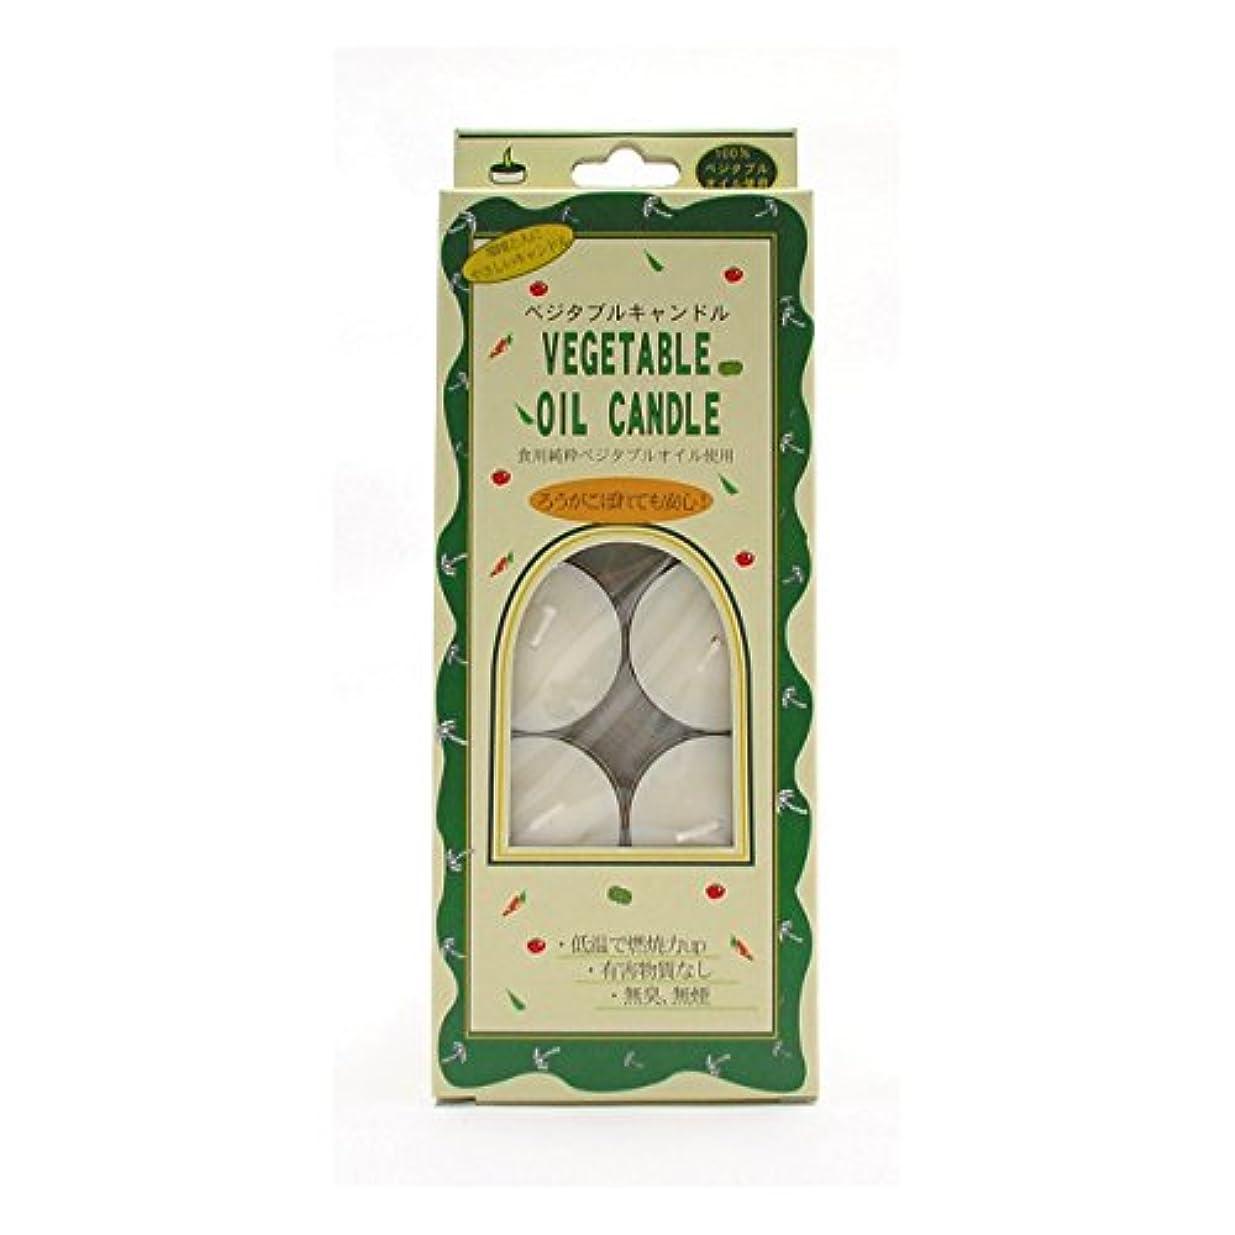 パラメータ暖かさ暖かさベジタブルティーライトキャンドル 10個入(1個あたり燃焼時間約3時間半 純植物性ろうそく)